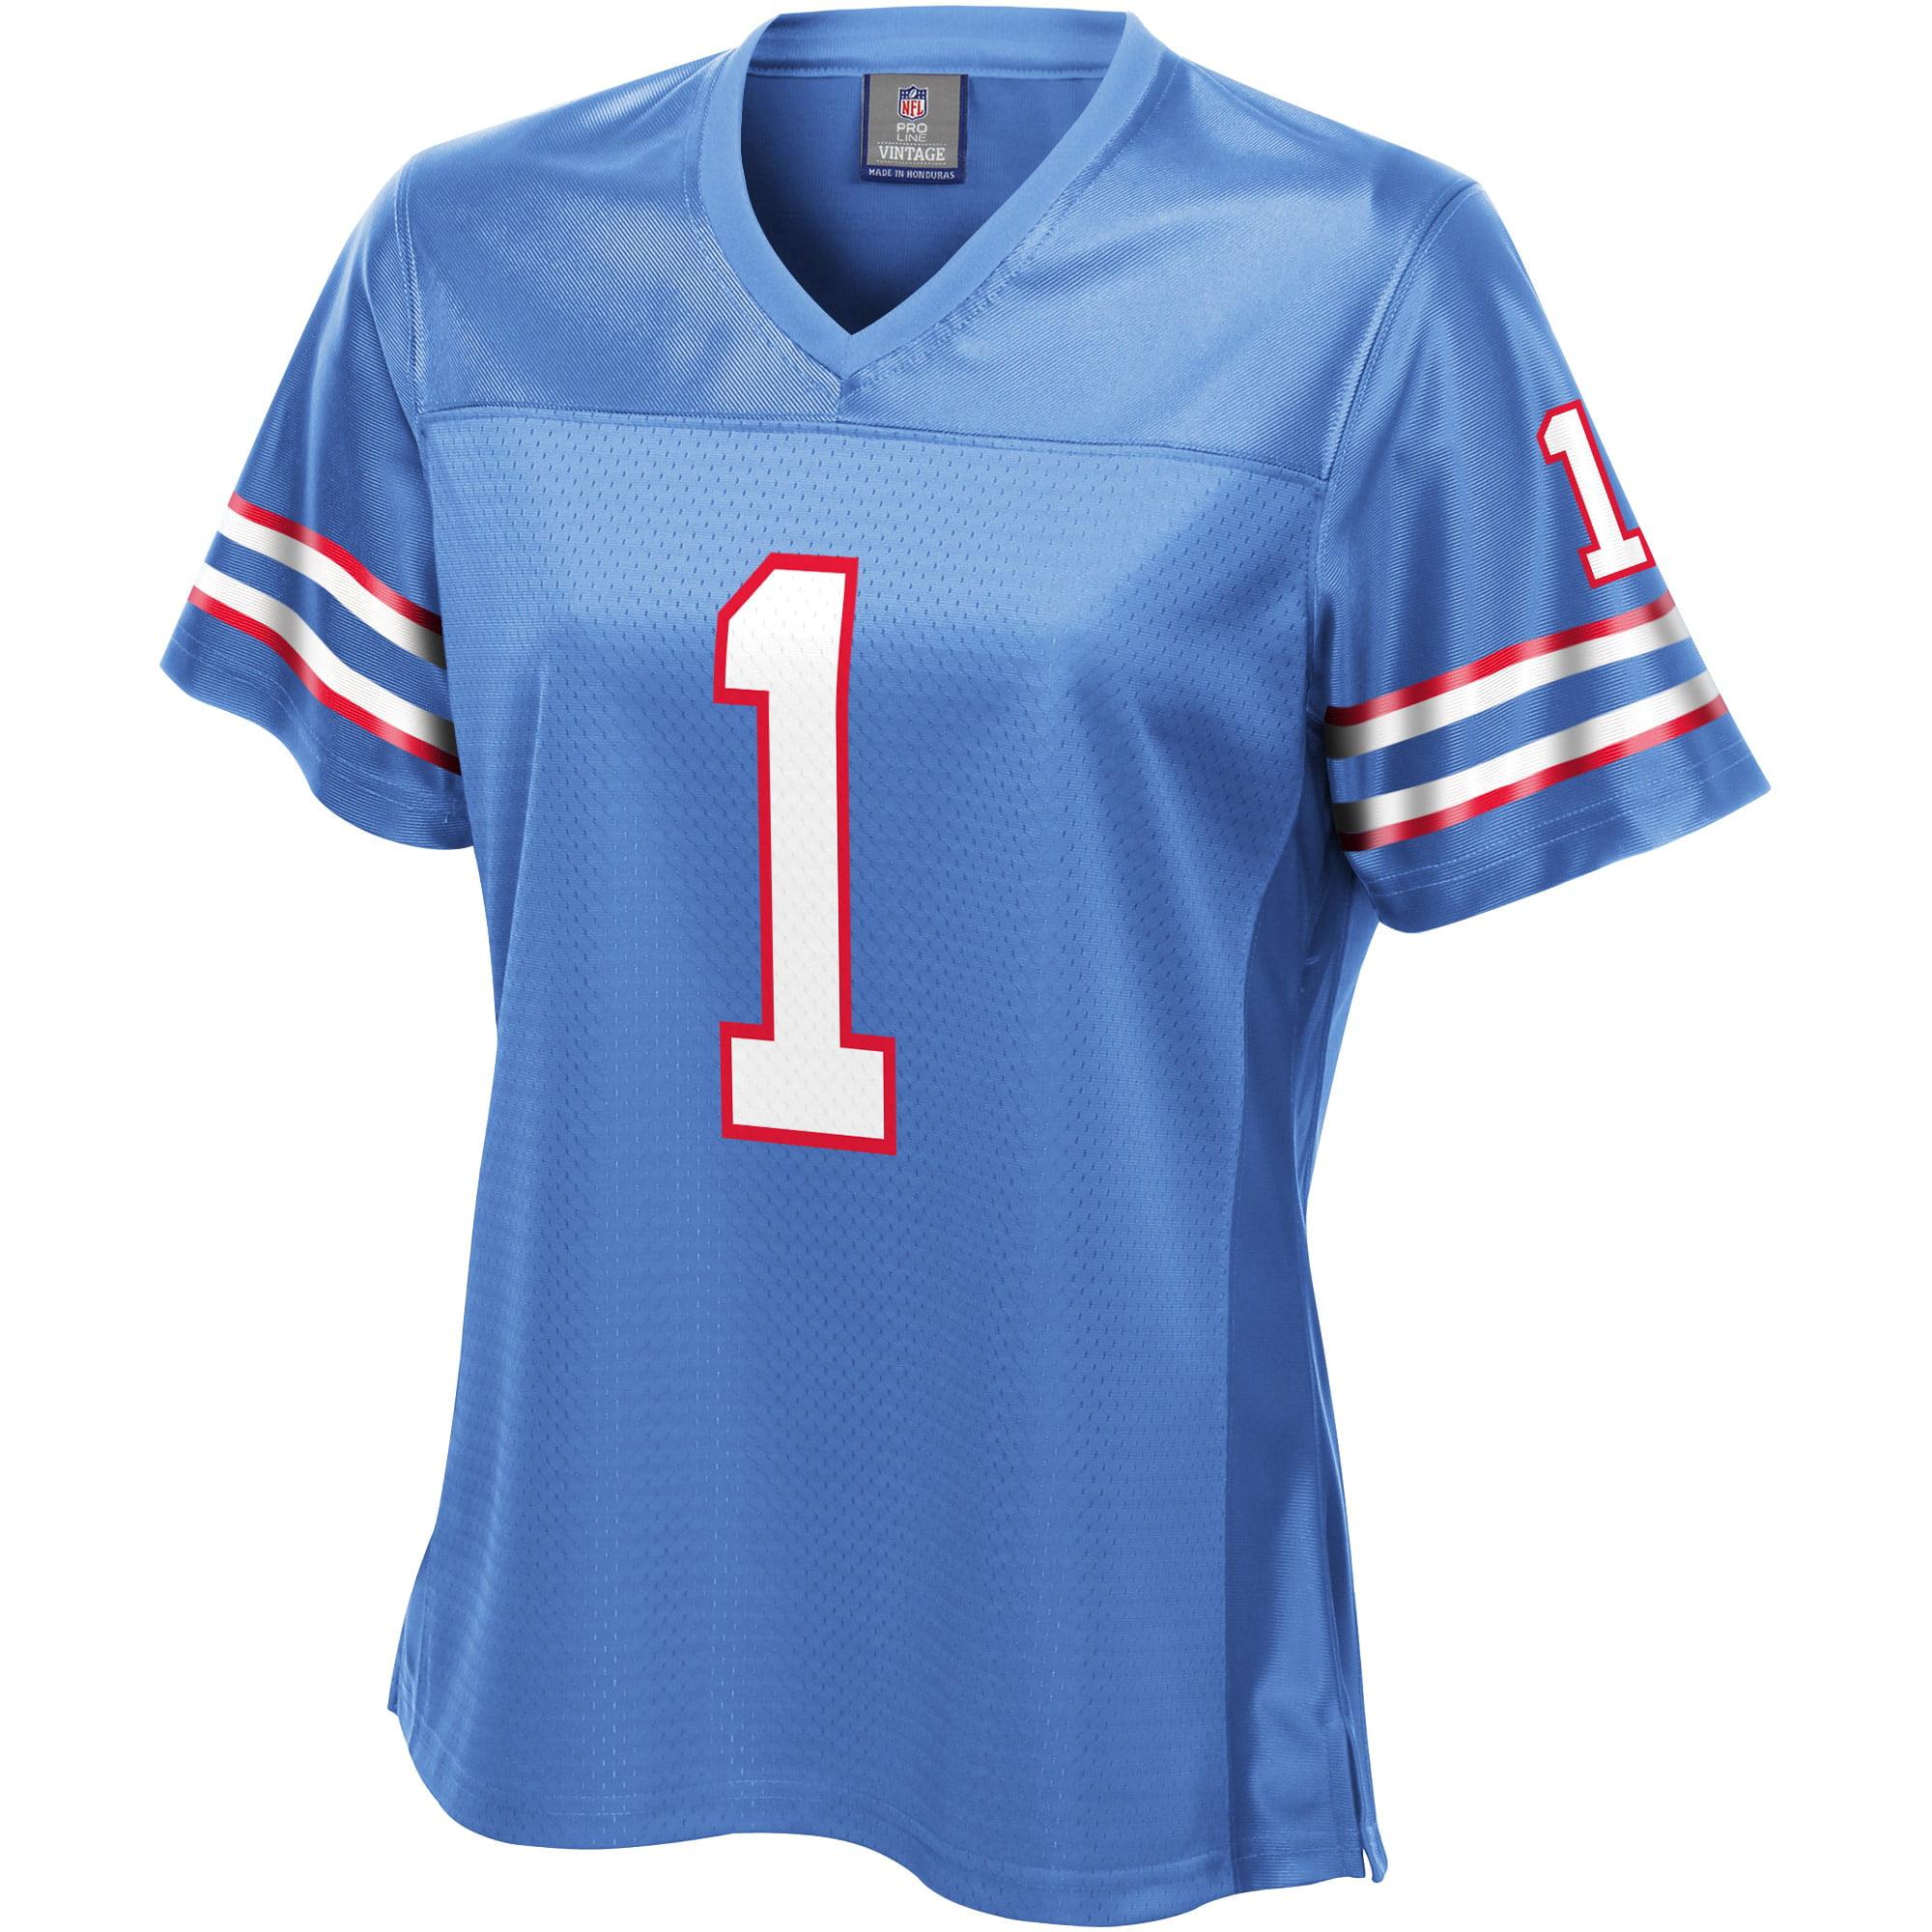 Warren Moon Houston Oilers NFL Pro Line Women's Retired Player Jersey - Light Blue - Walmart.com